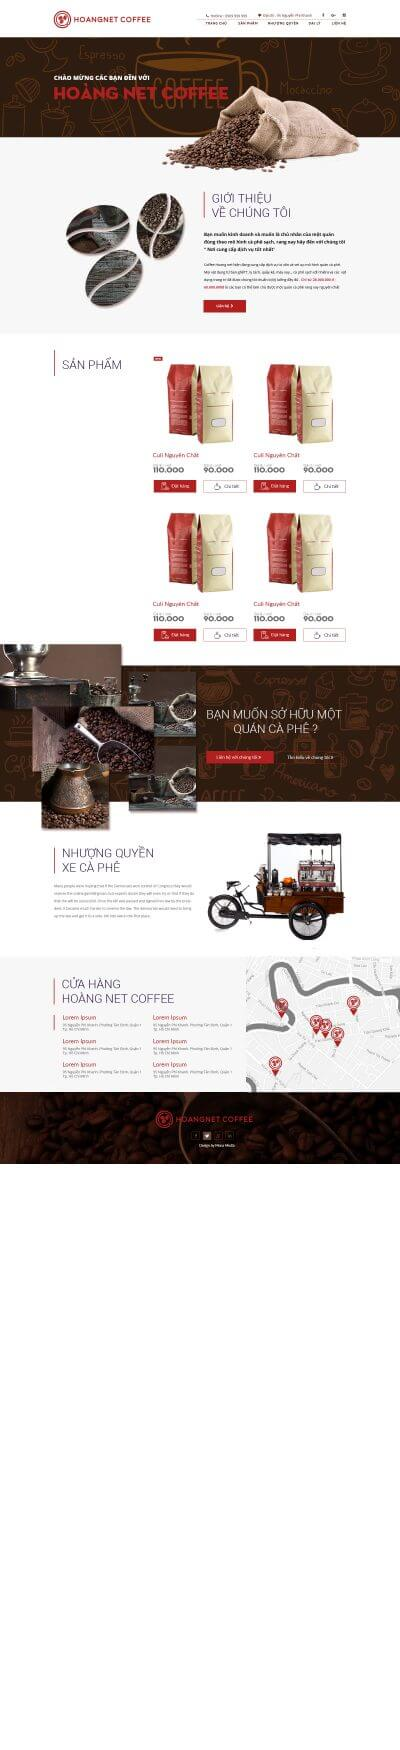 Hoangnet Coffee